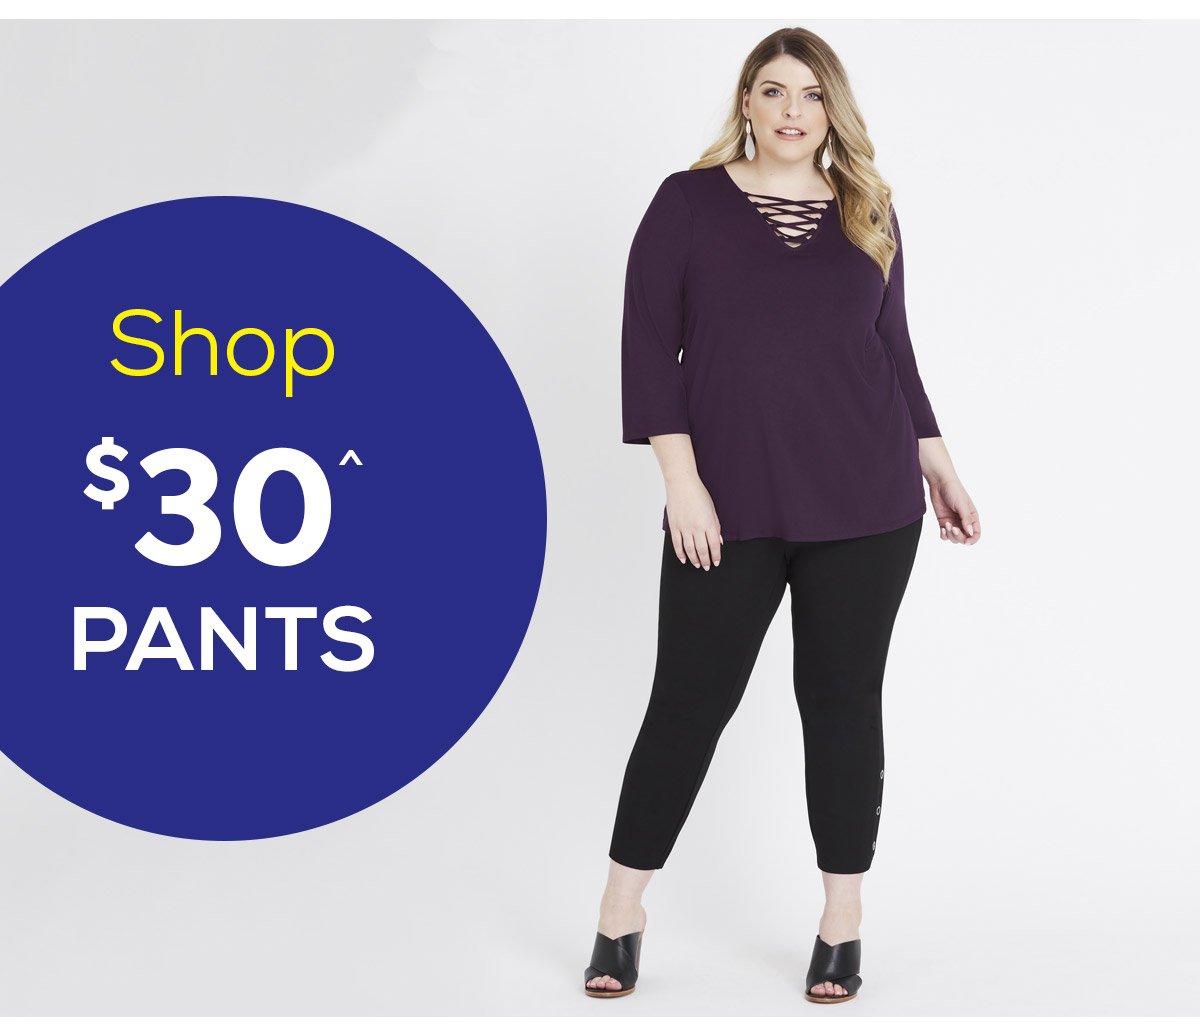 Shop | Pants